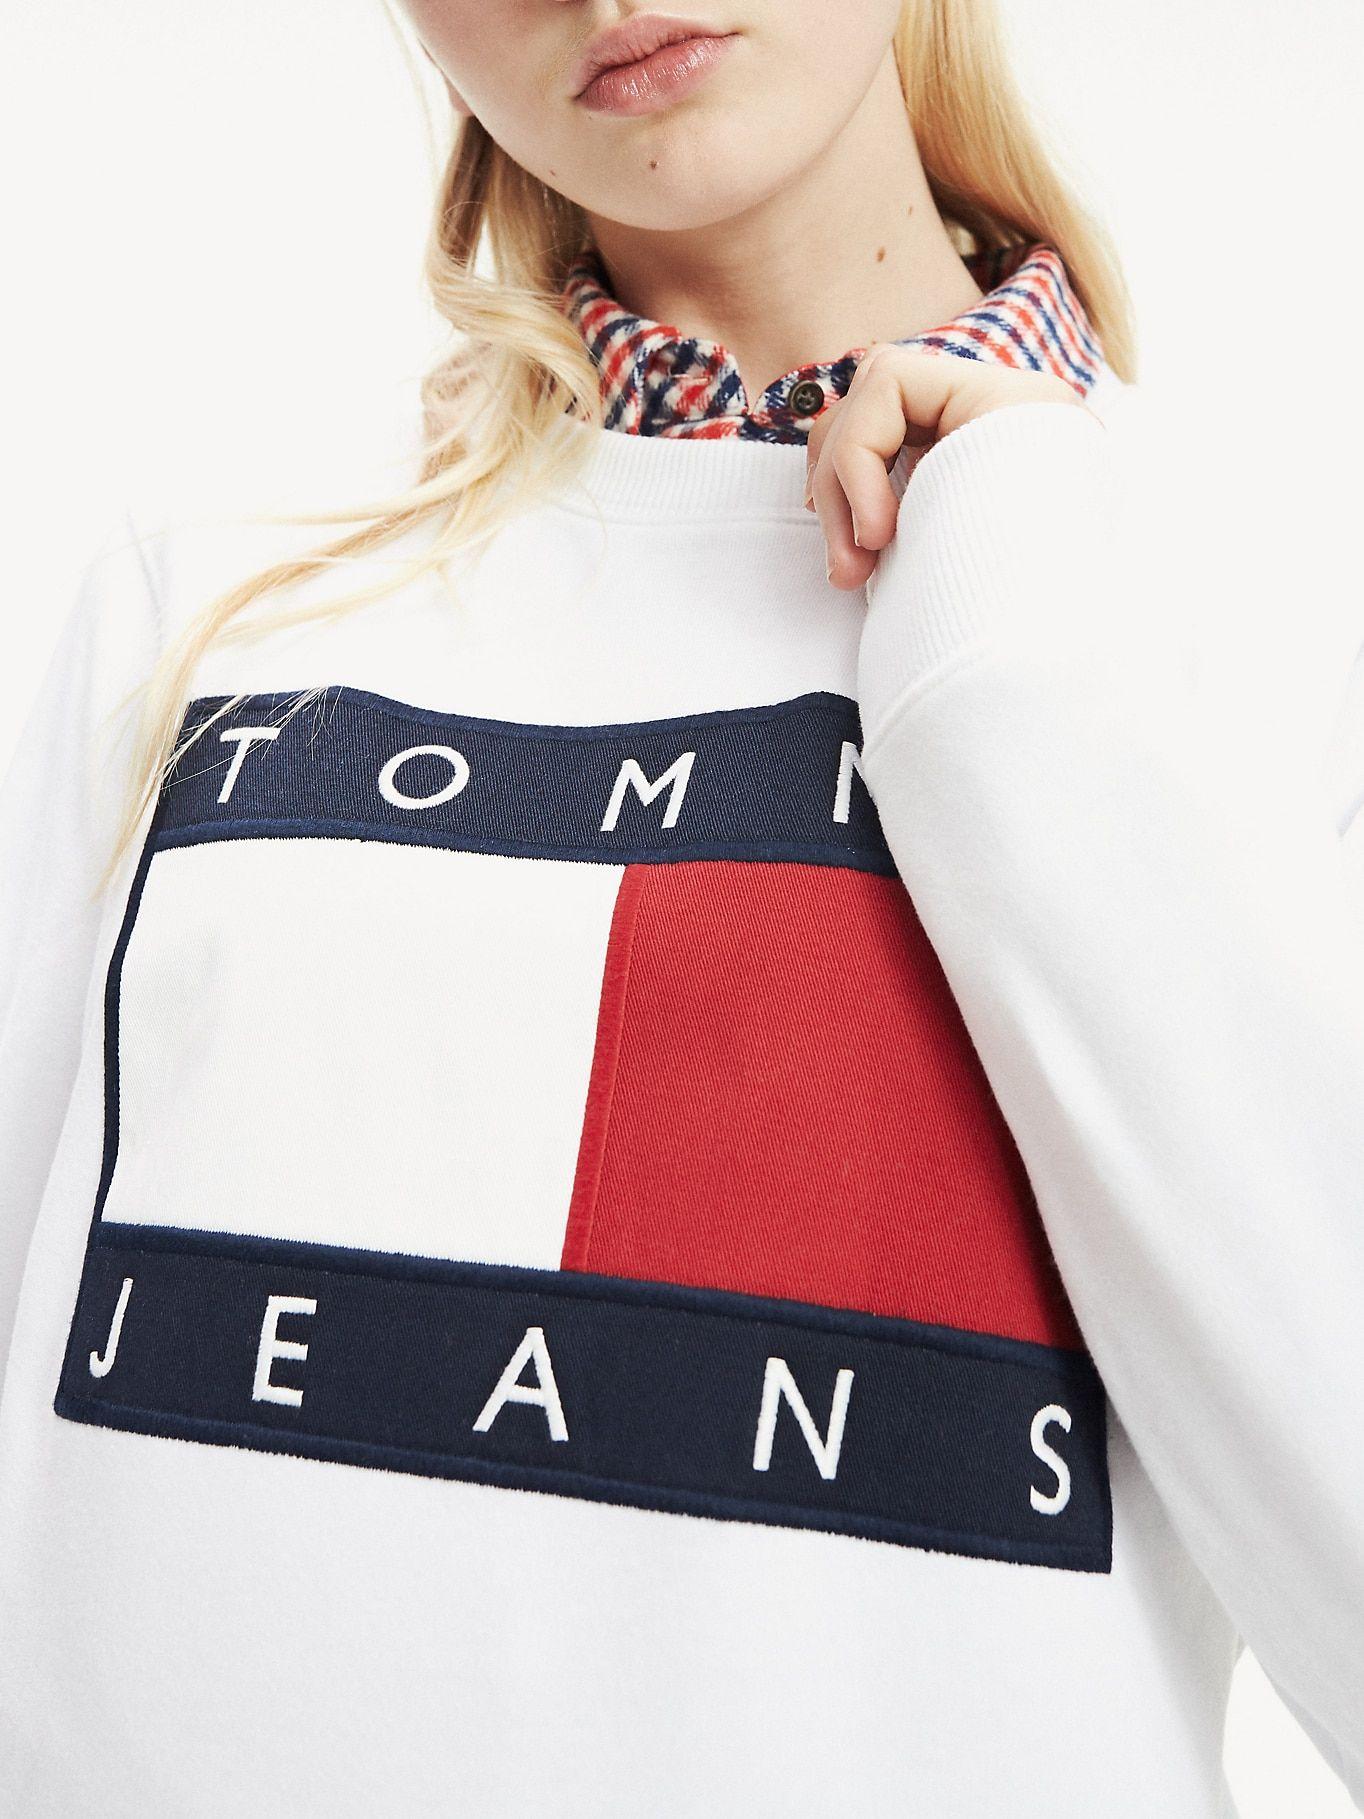 Logo Fleece Sweatshirt Tommy Black Tommy Hilfiger Sweatshirts Women Tommy Hilfiger Women Tommy Hilfiger [ 1819 x 1364 Pixel ]